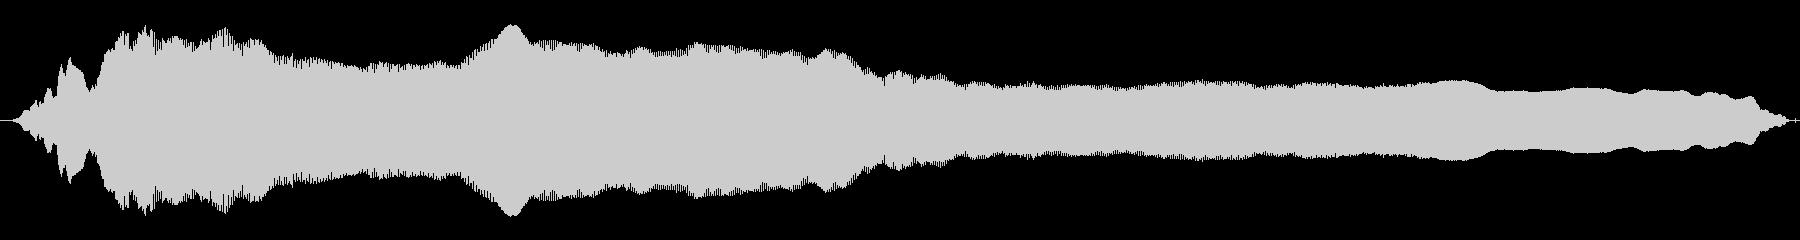 成人女性:ロングホラースクリームの未再生の波形